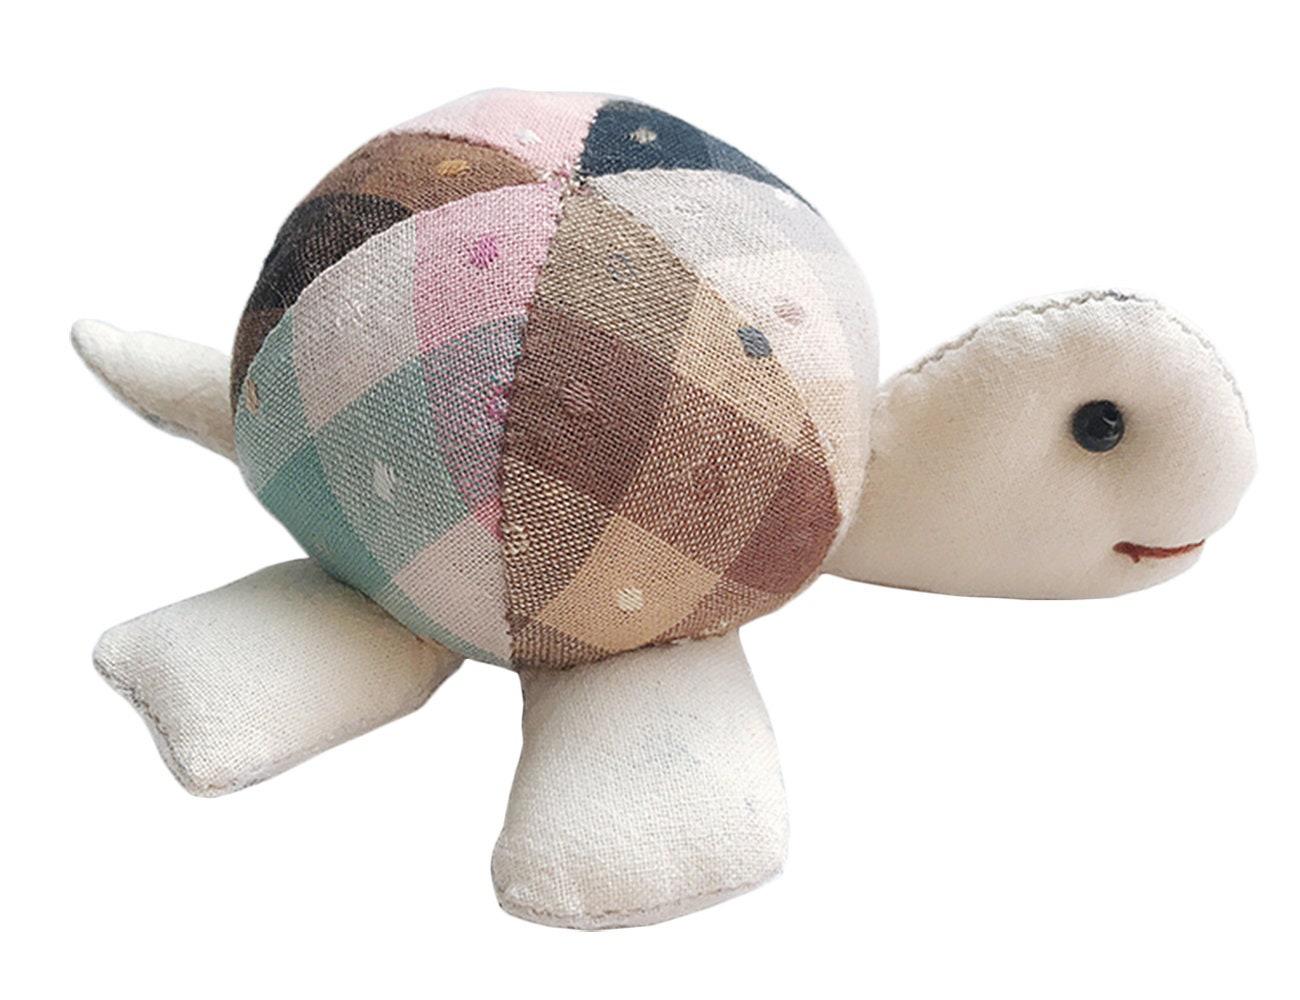 Schildkröte Pin Kissen Nähen Projektkits für Anfänger Quilten